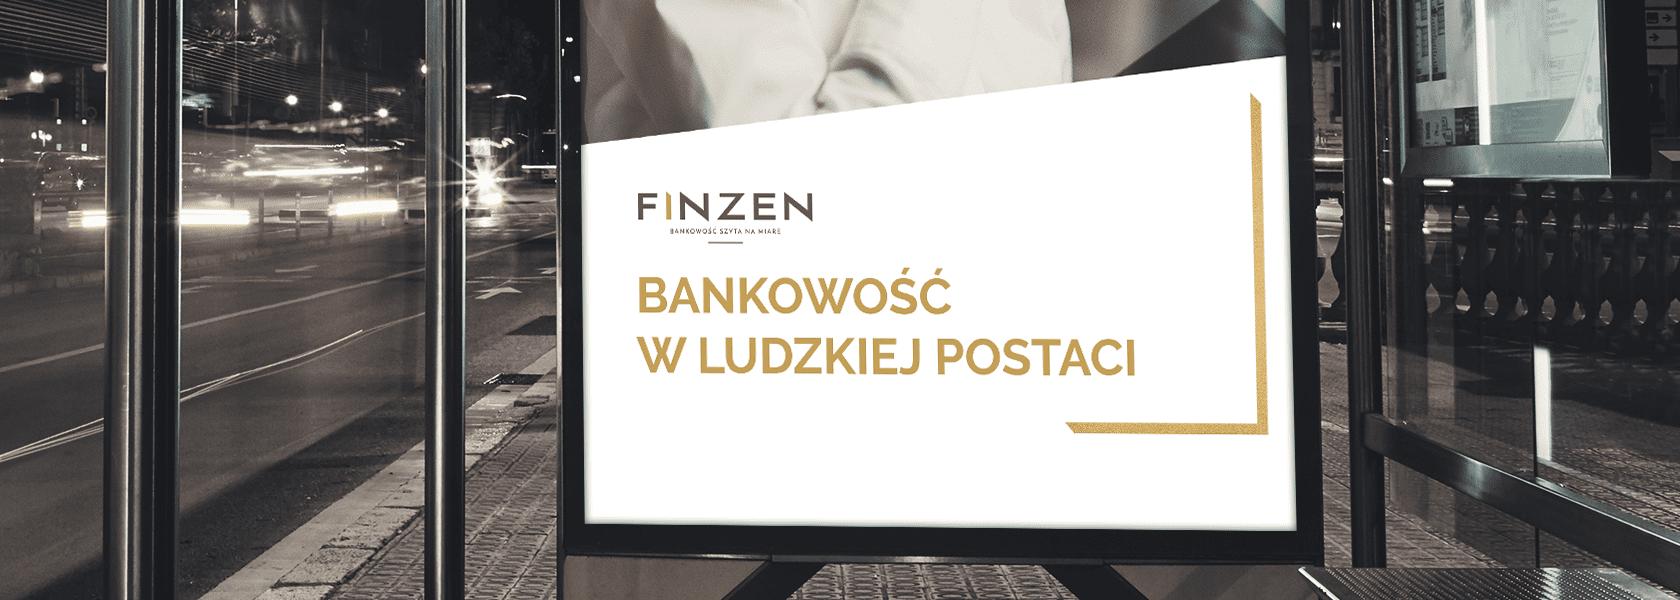 New branding for Finzen